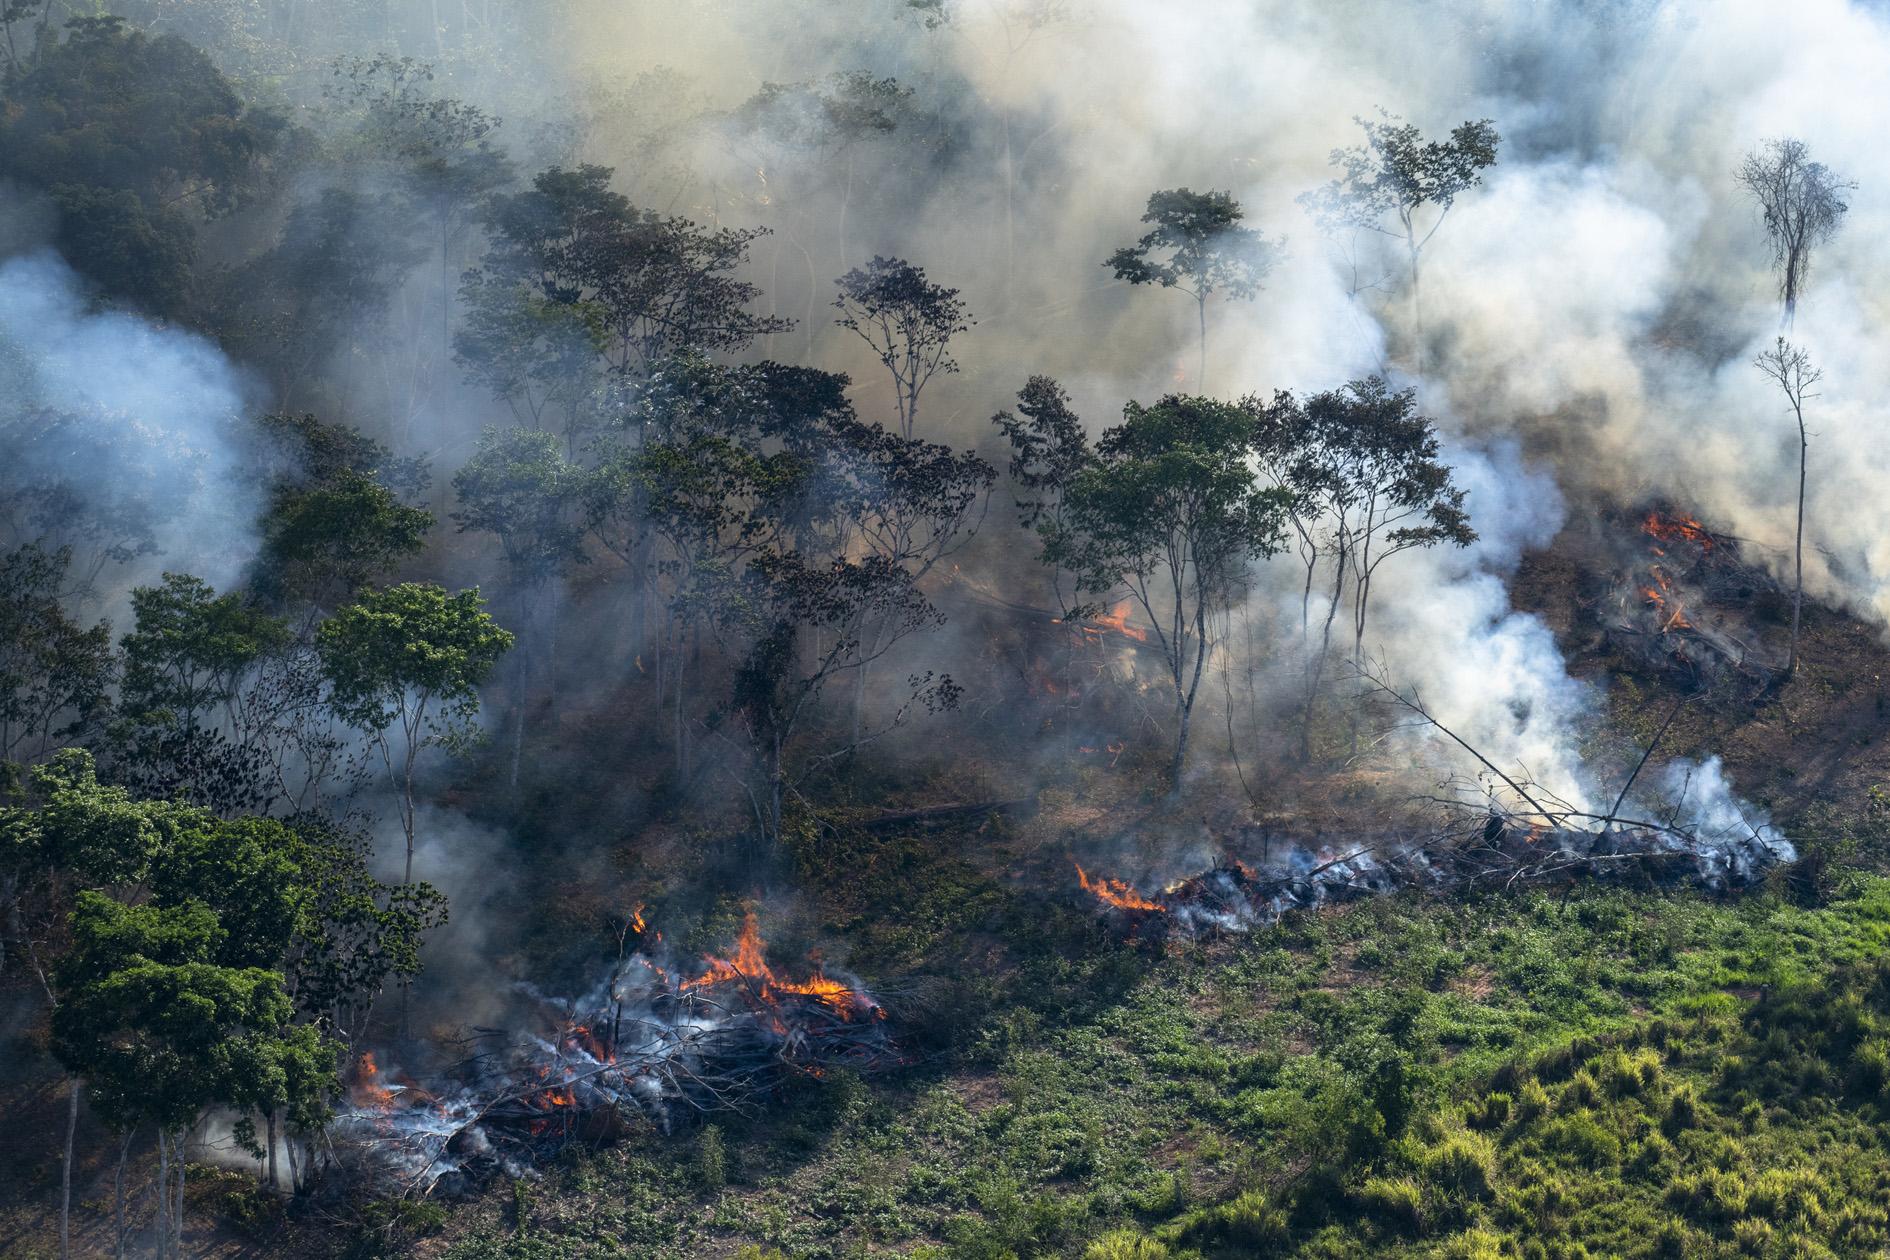 Amazônia e o Aquecimento Global: 8 – Efeito Estufa Descontrolado